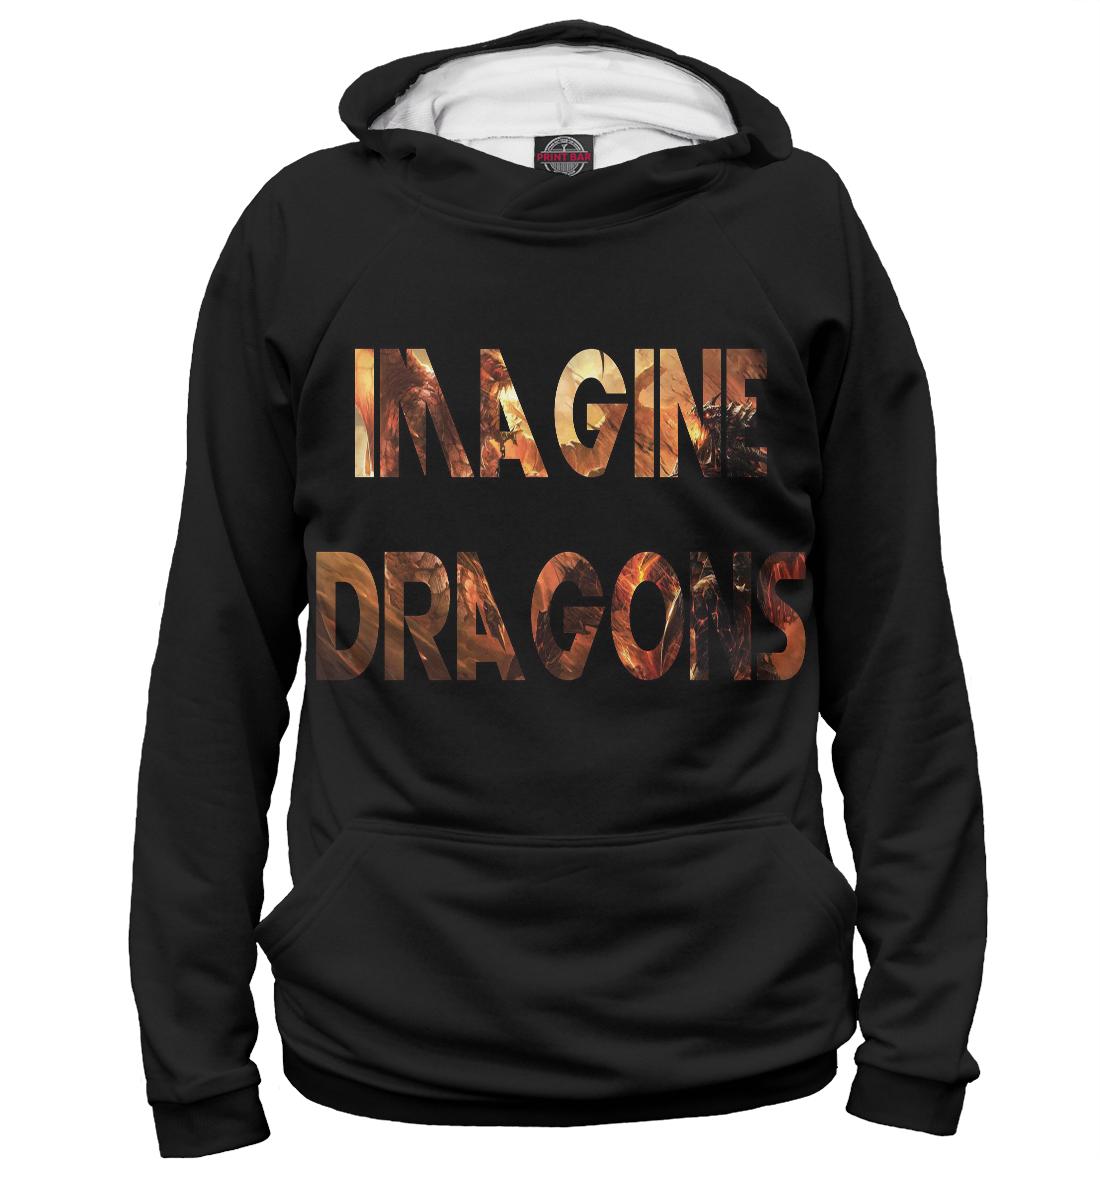 Купить Imagine Dragons, Printbar, Худи, IMA-426714-hud-1